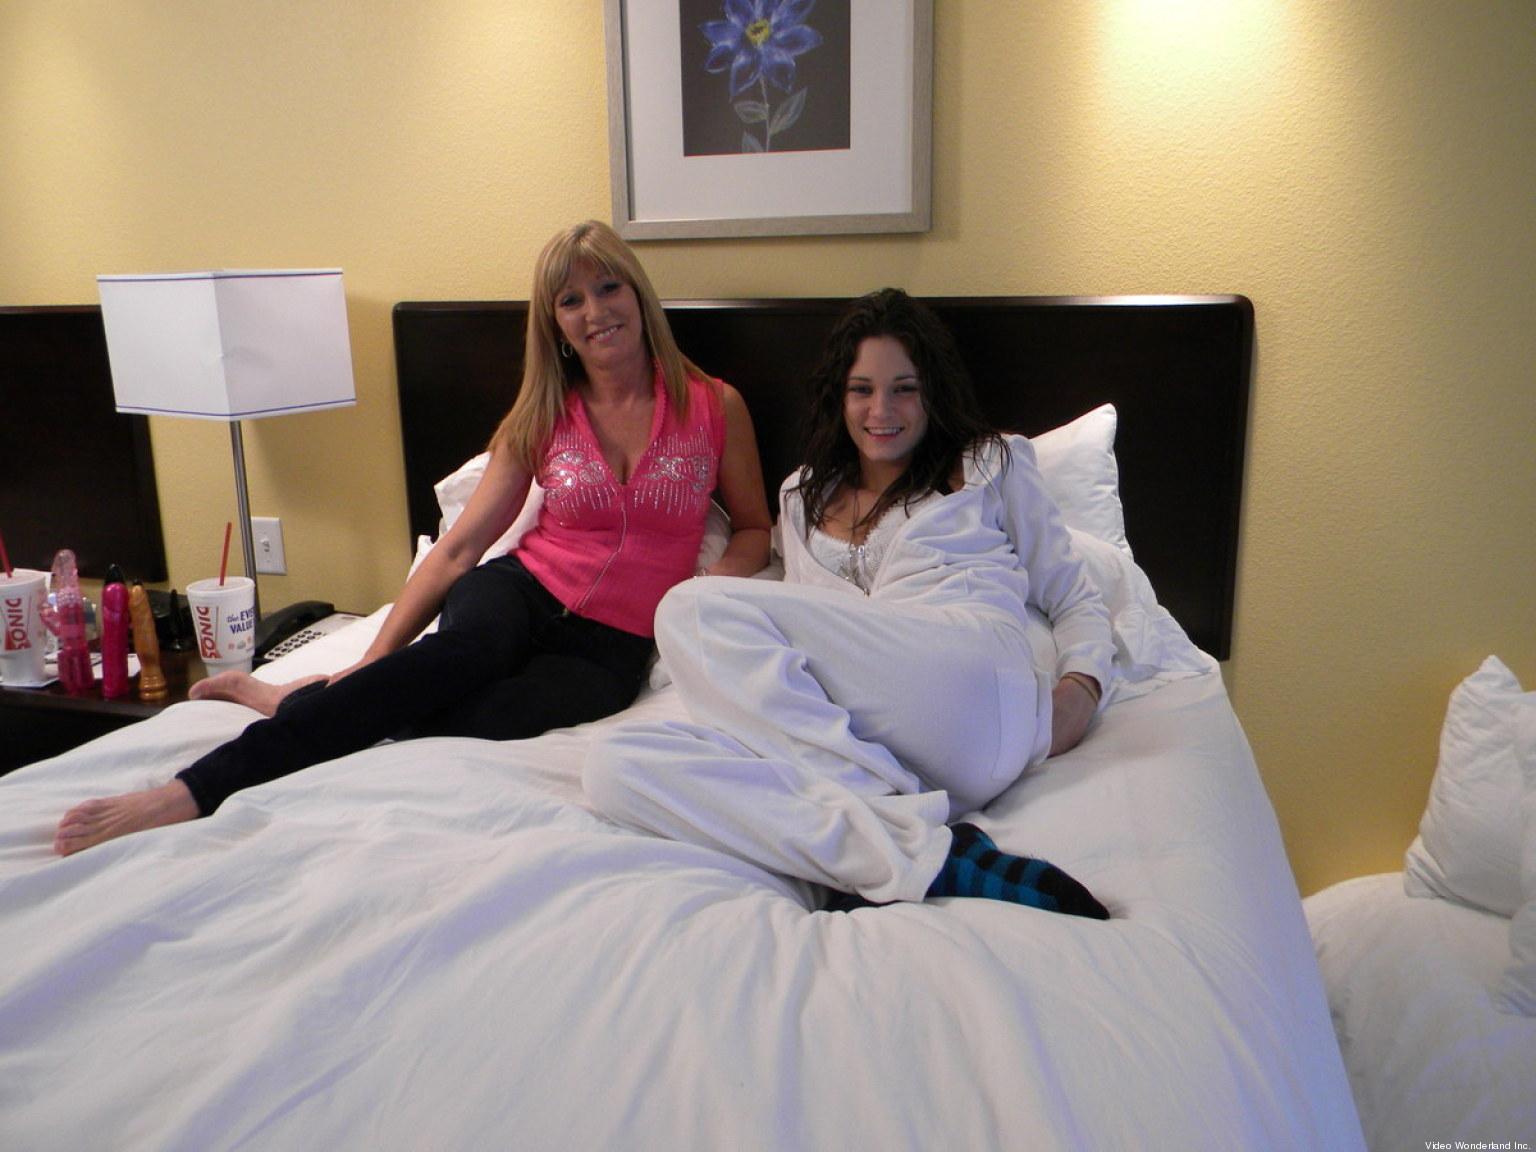 photos les sexxxton le duo porno m re fille recherche un duo p re fils pour un nouveau film. Black Bedroom Furniture Sets. Home Design Ideas